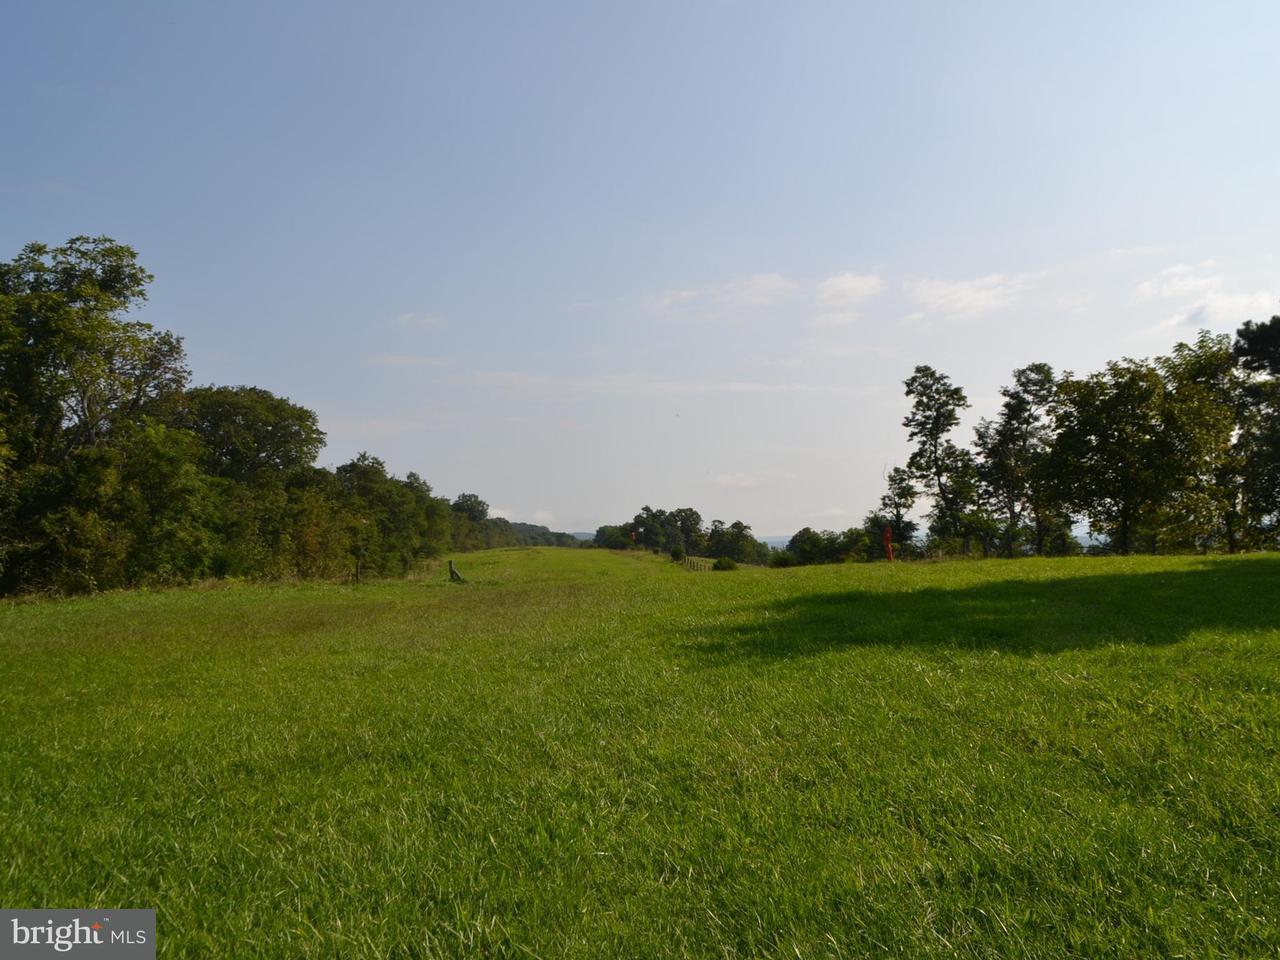 토지 용 매매 에 5 DON MCCAULEY 5 DON MCCAULEY Romney, 웨스트버지니아 26757 미국